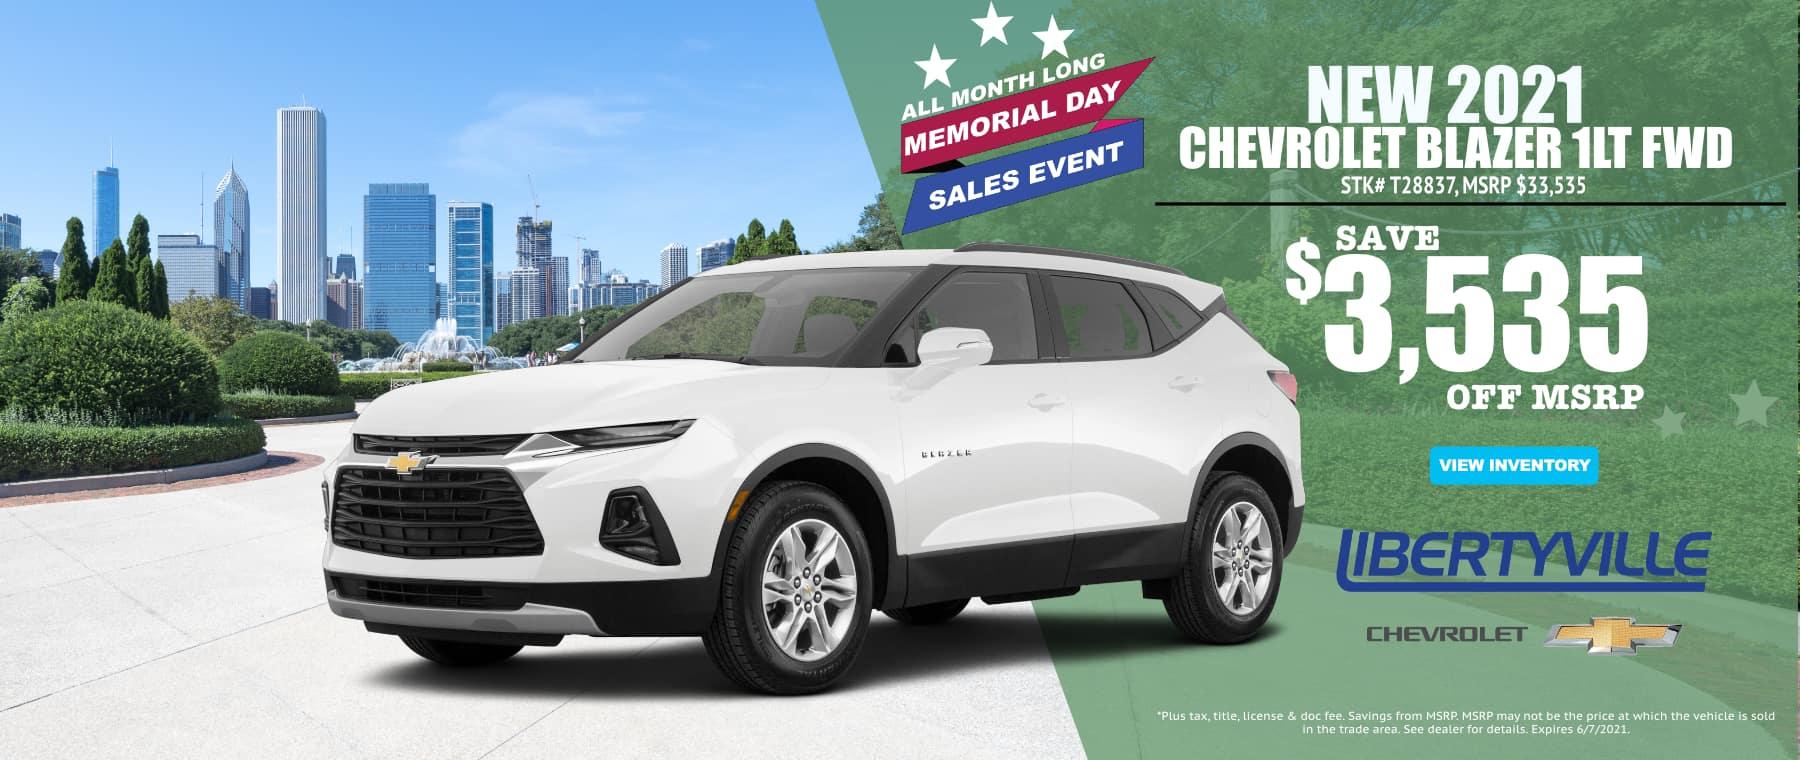 May_2021_Blazer_Chevrolet